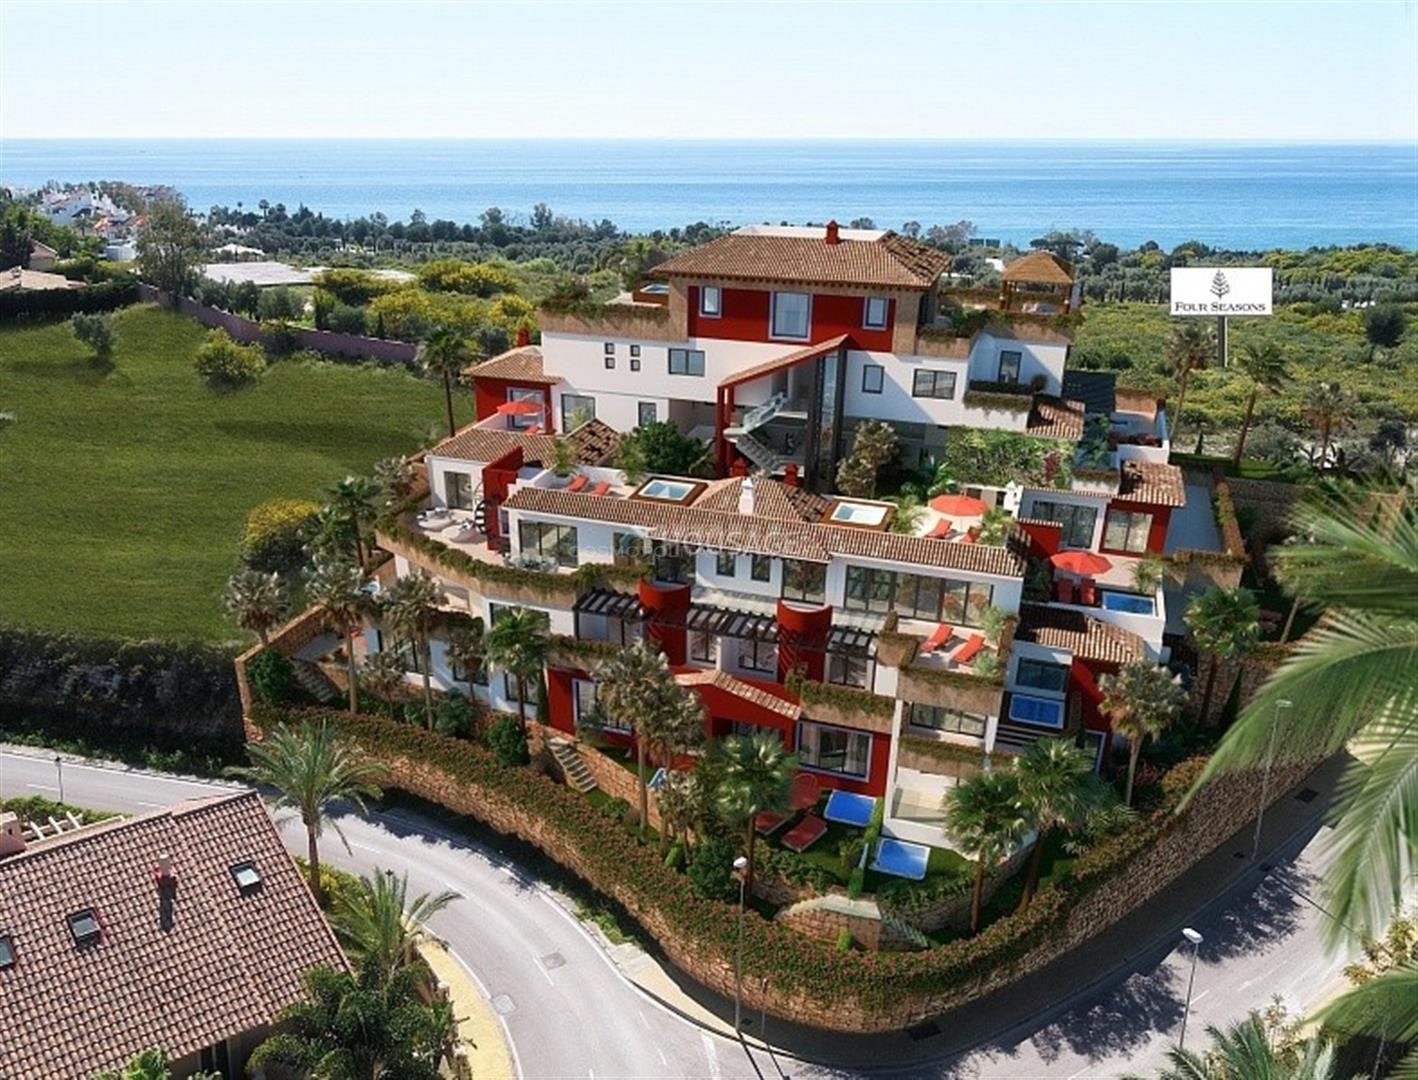 La Cornisa, exclusiva urbanización de sólo 16 viviendas en la mejor zona de Río Real.